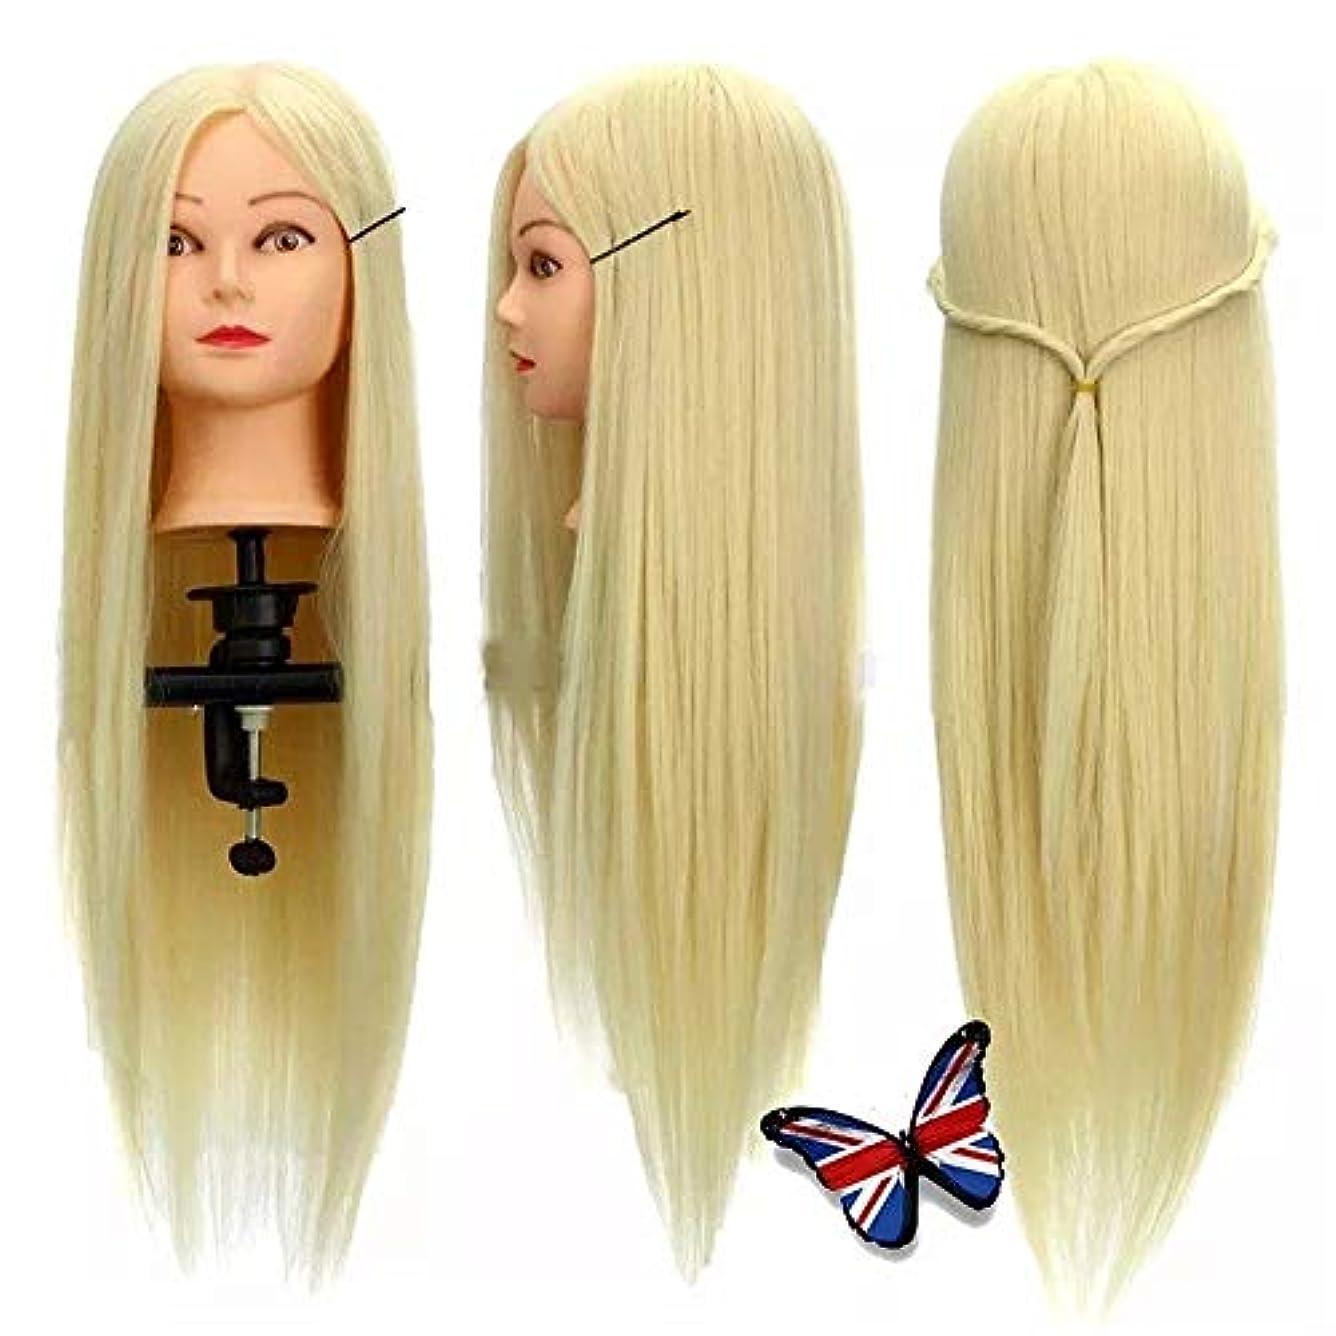 経験変成器遅滞ヘアマネキンヘッド 30%の本物の人間の髪の毛のトレーニング頭部サロン理髪カットマネキンでクランプでクランプホルダ ヘア理髪トレーニングモデル付き (色 : Blonde, サイズ : As picture shows)